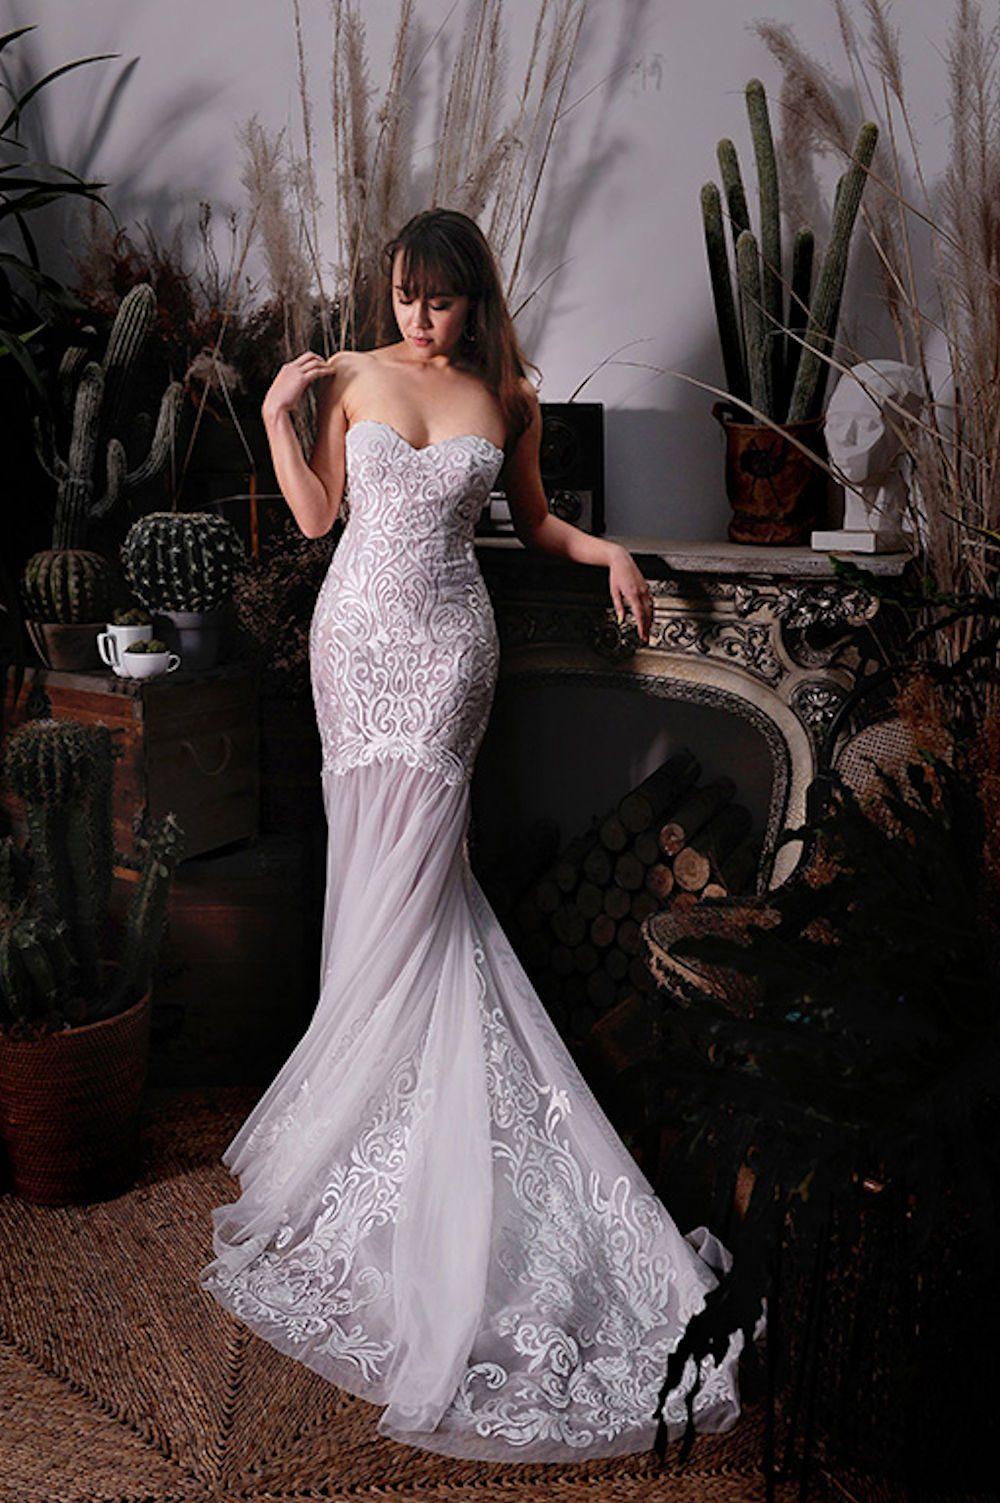 Kim Alpha Bridal - Bridal & Formal Dresses Melbourne - Elora Lace & Tulle Wedding Dress